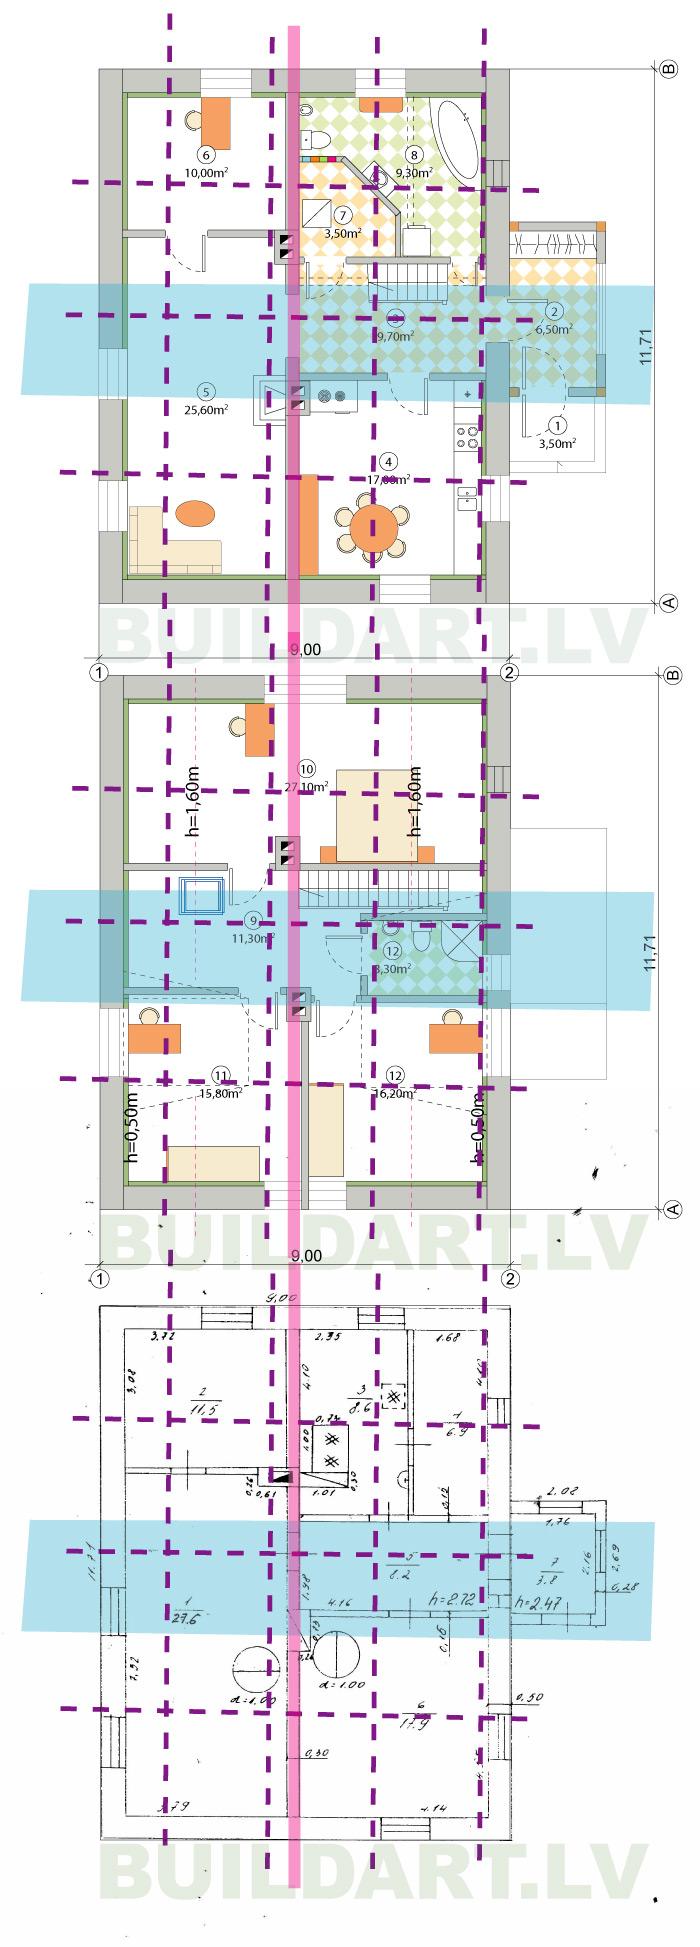 Mājas rekonstrukcijas projekts, āderu plāni